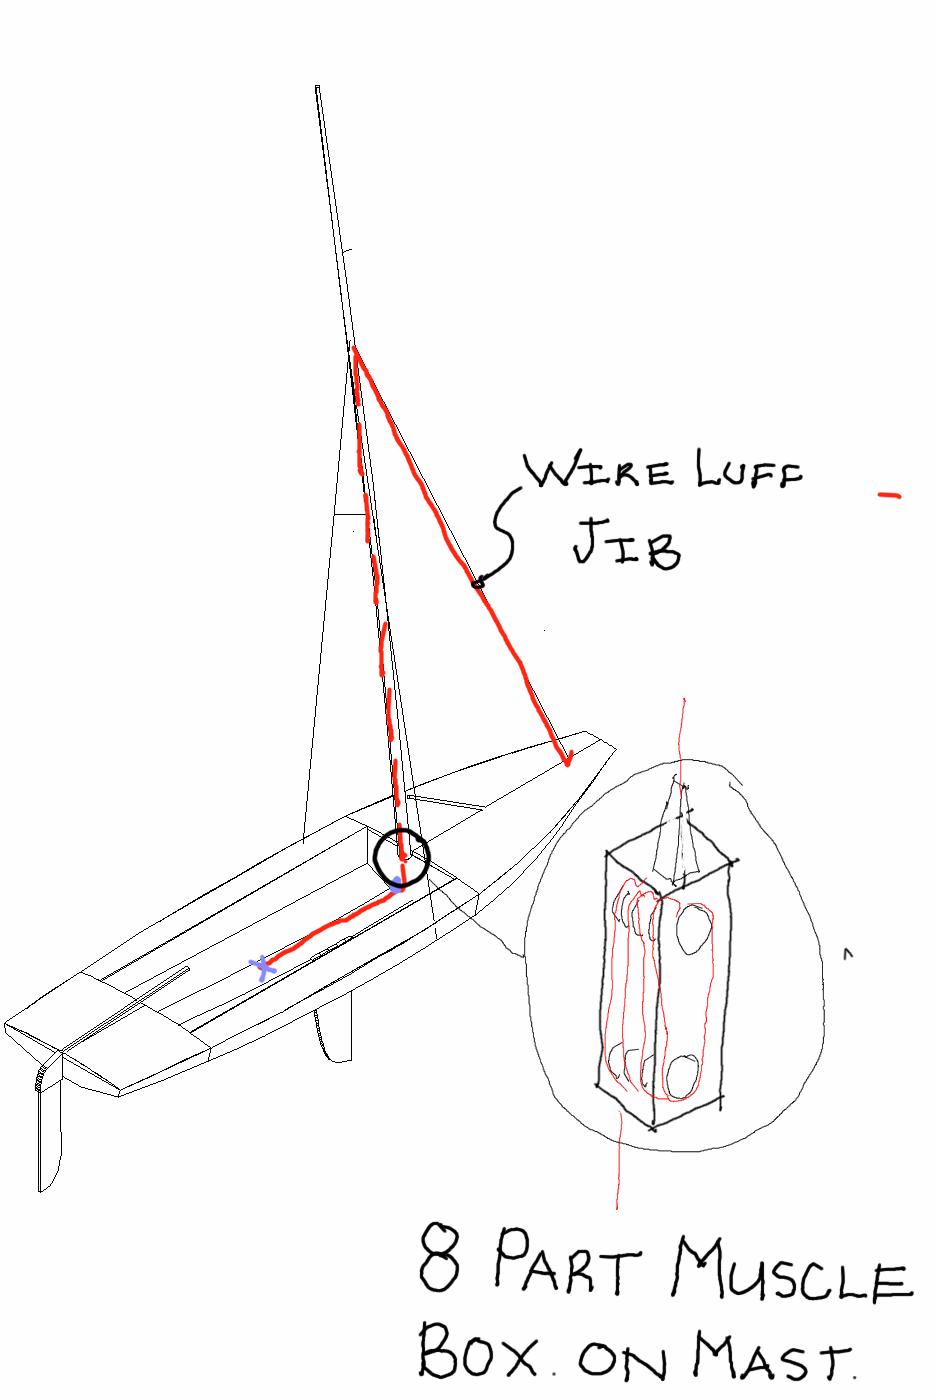 Jib systems diagram